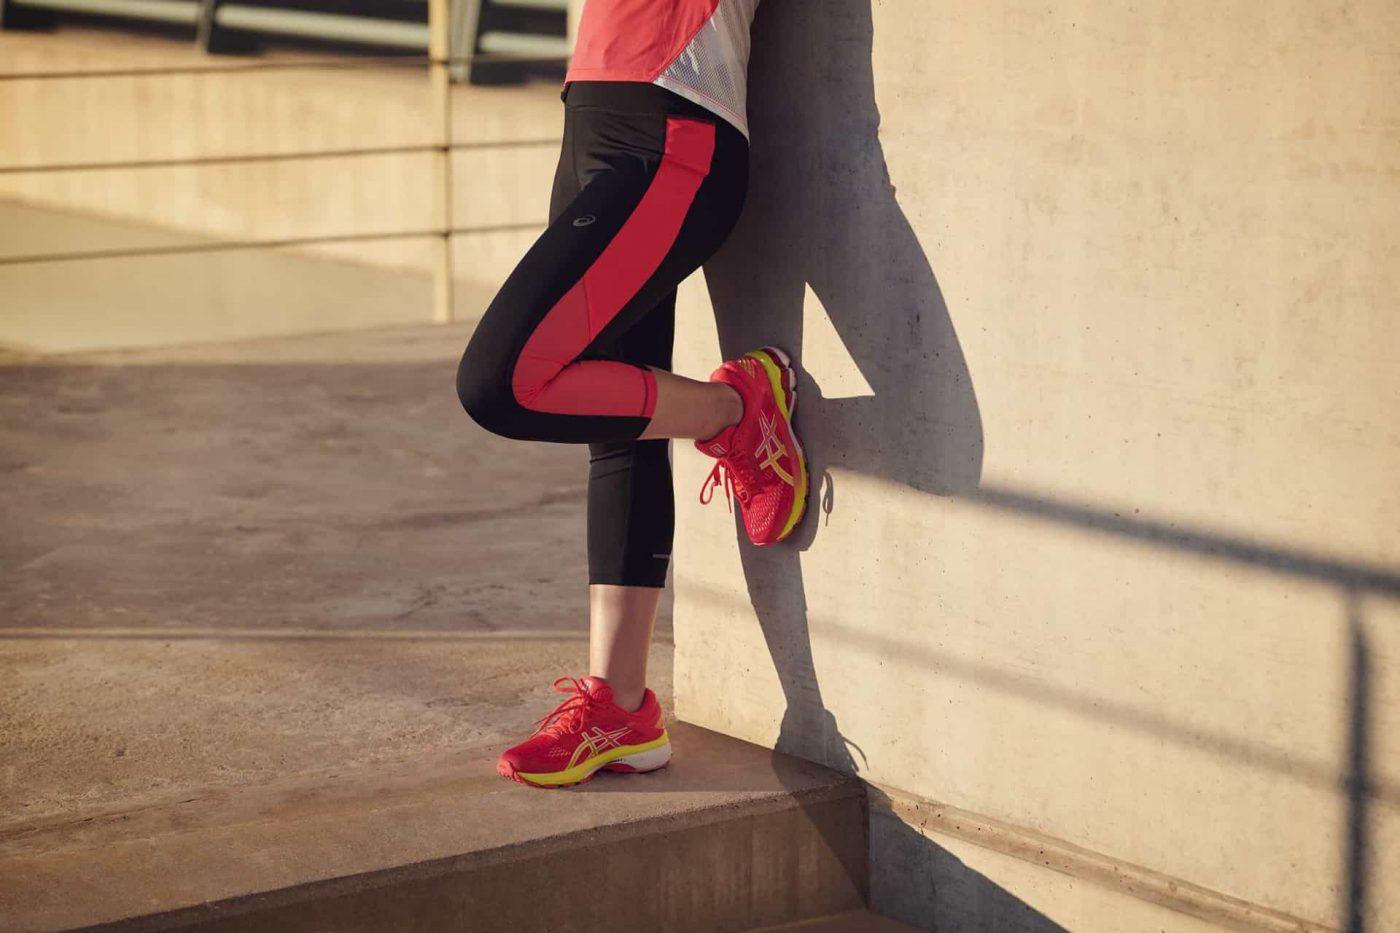 chaussures-running-asics-gel-kayano-26-5